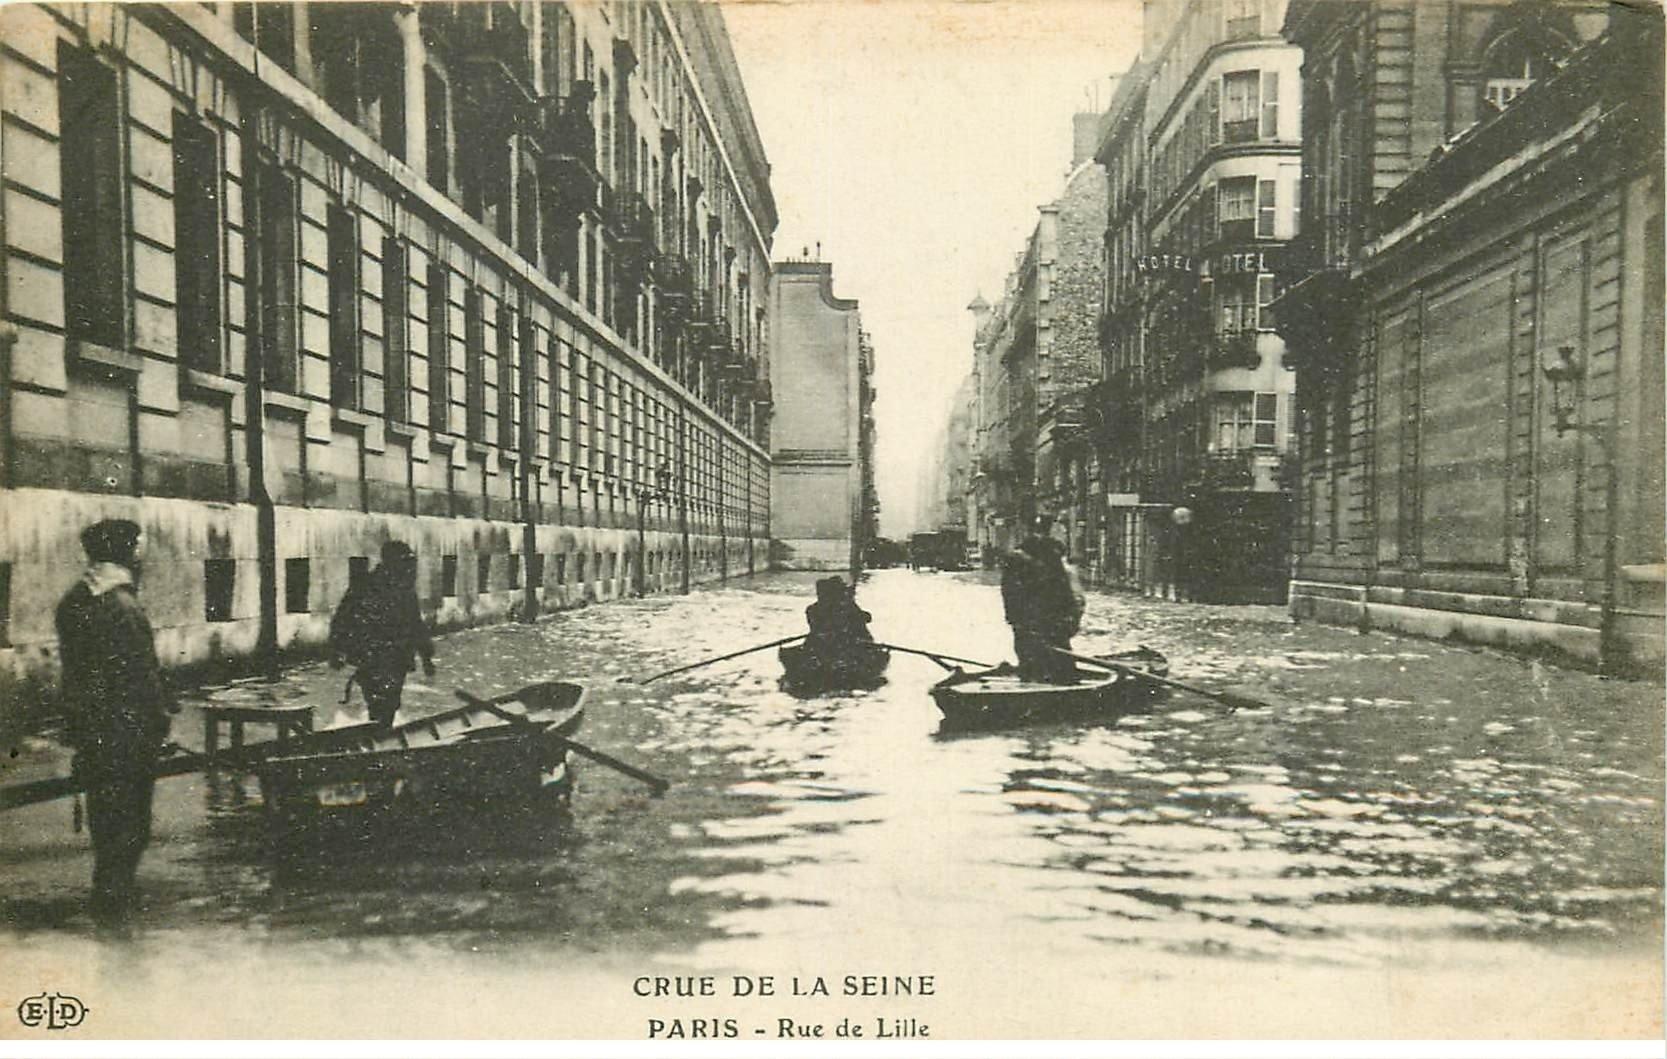 carte postale ancienne INONDATION ET CRUE PARIS 1910. Rue de Lille barques